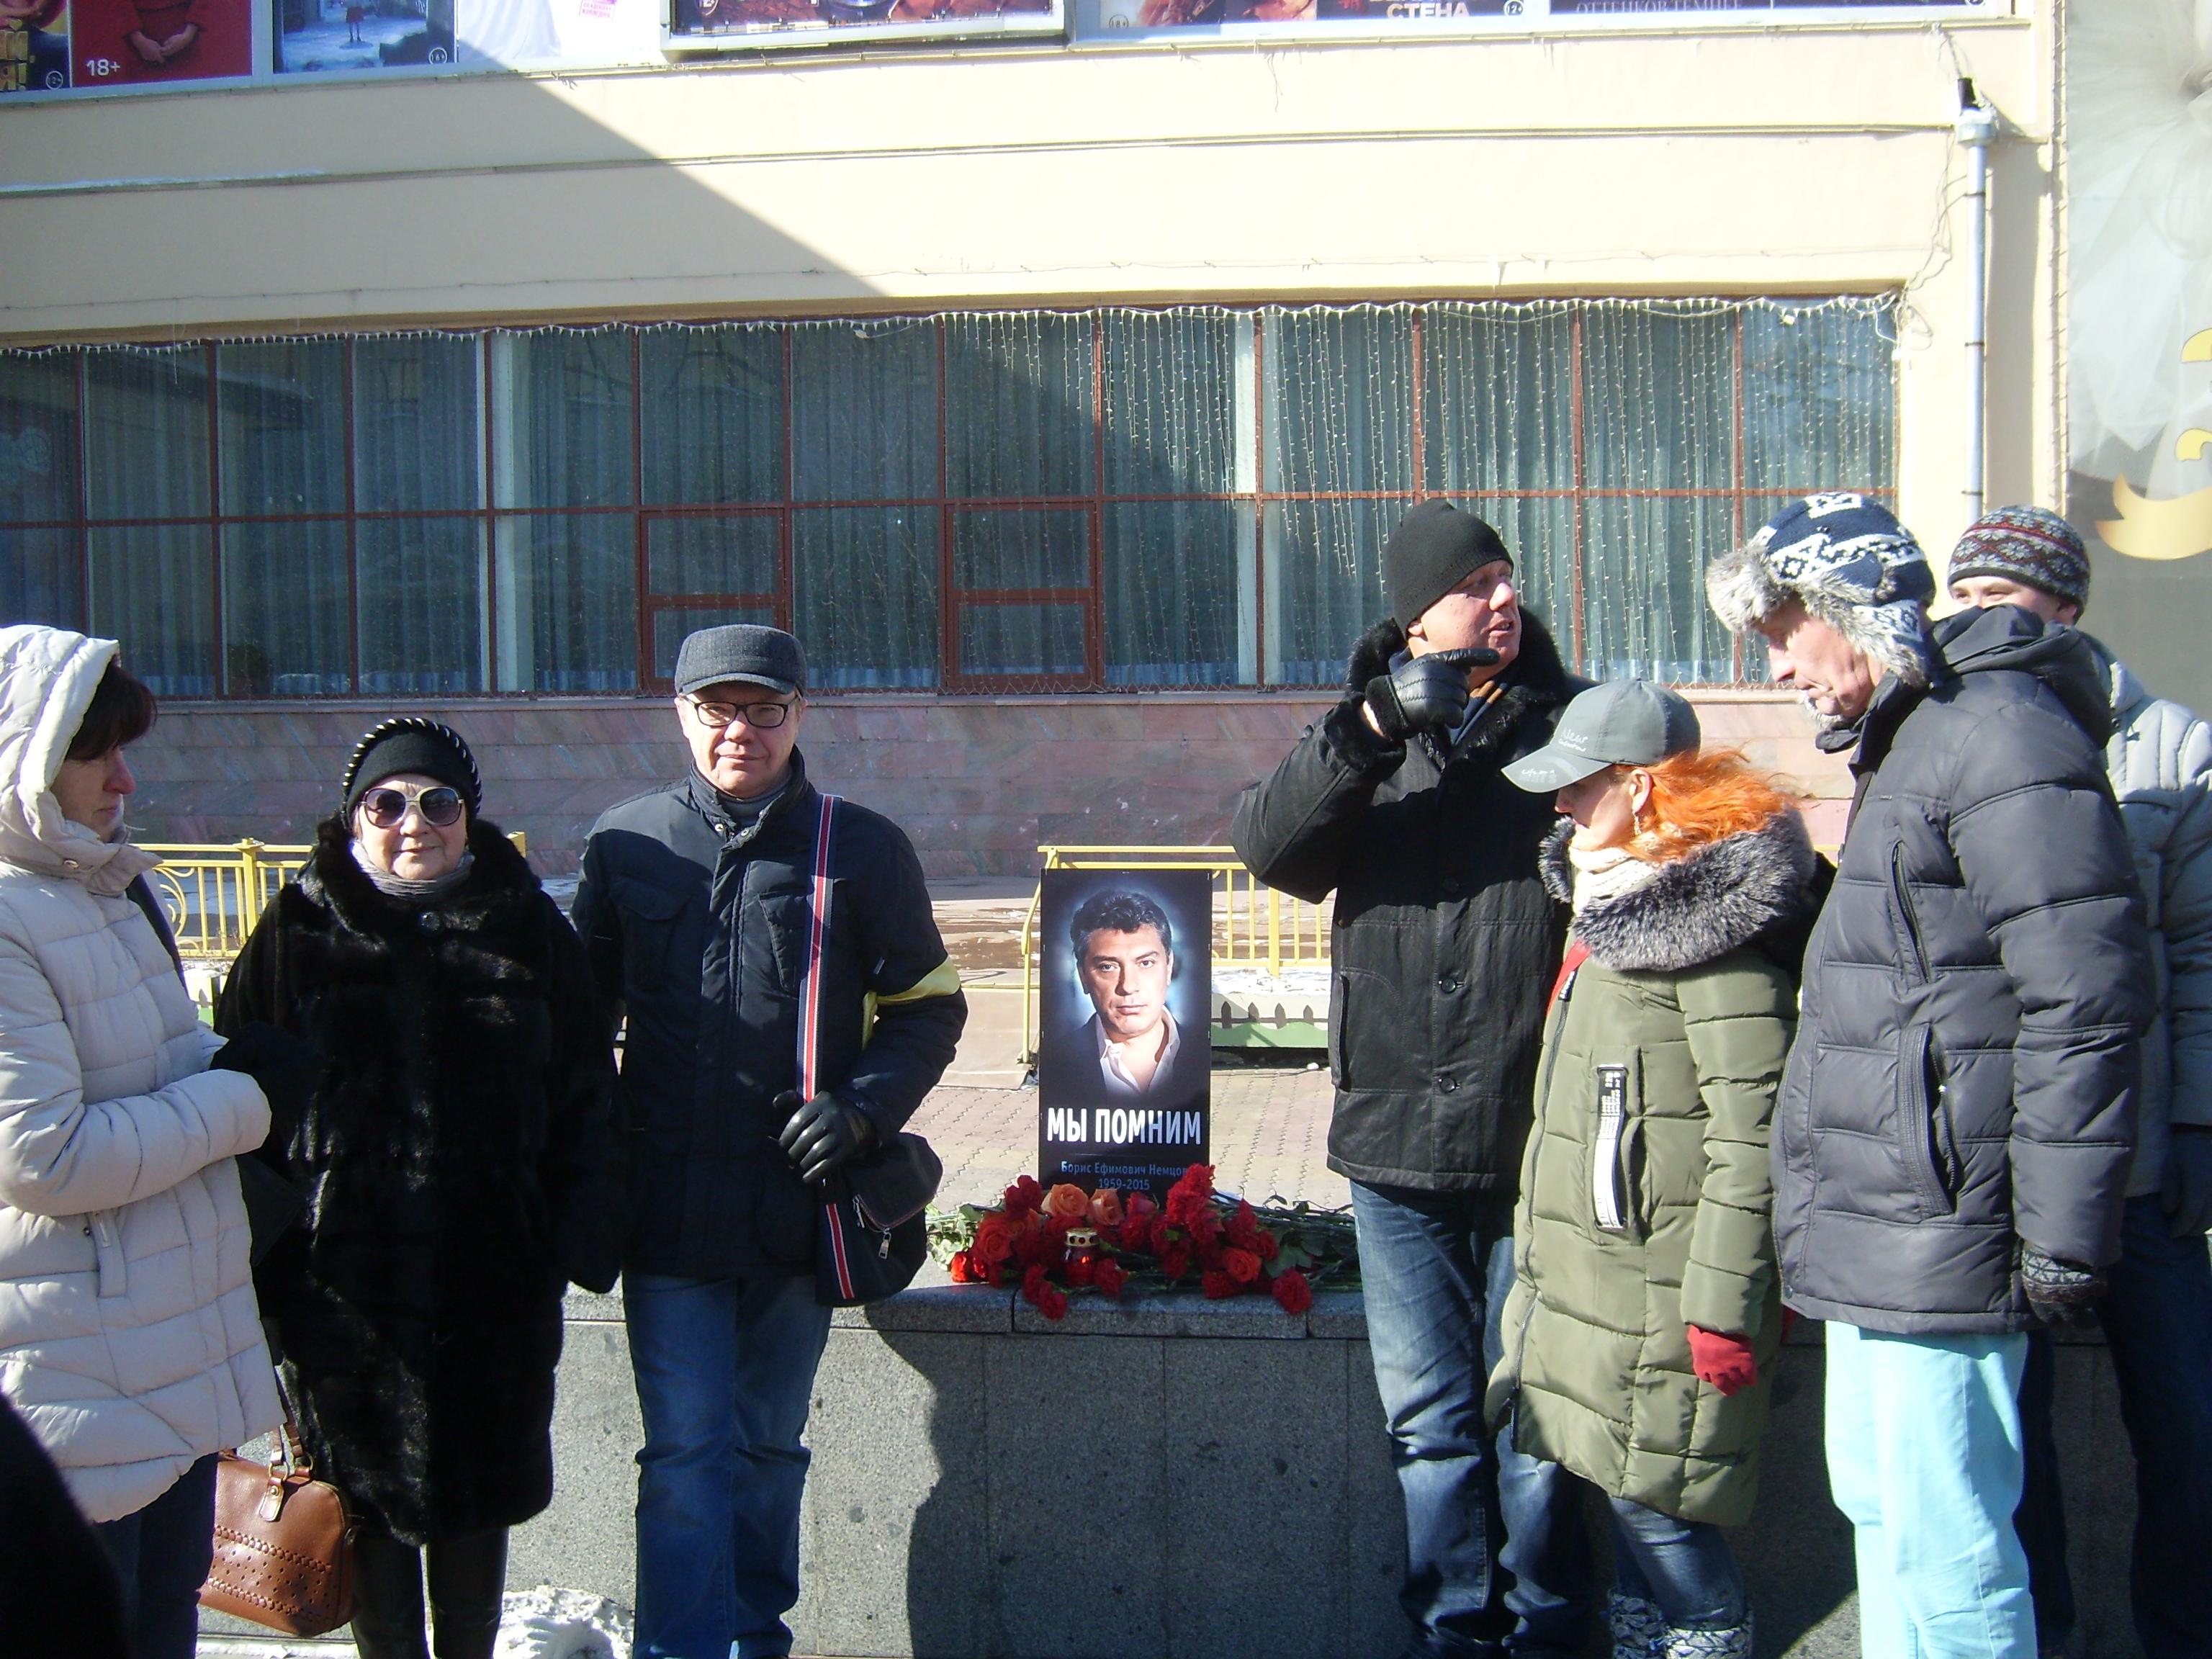 В Перми задержан организатор митинга памяти Немцова